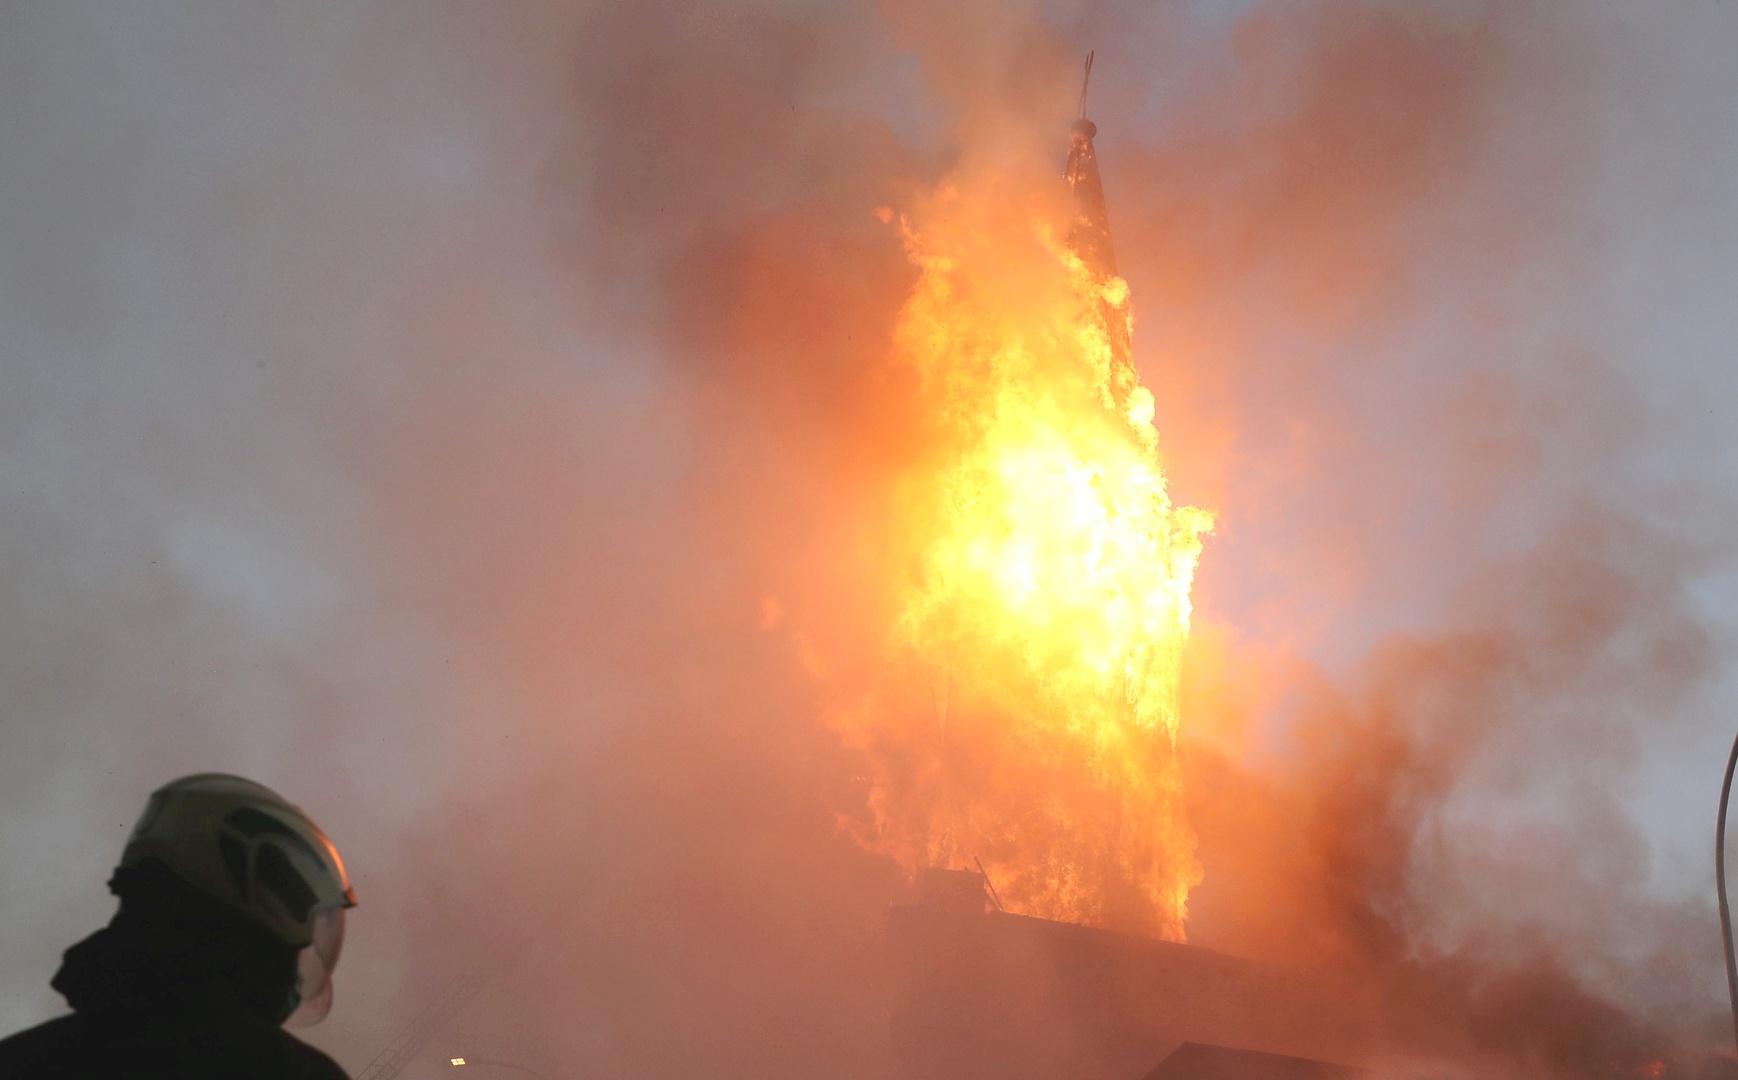 النيران تلتهم 40% من مركز تجاري في لاهور الباكستانية وتكبد خسائر مادية فادحة